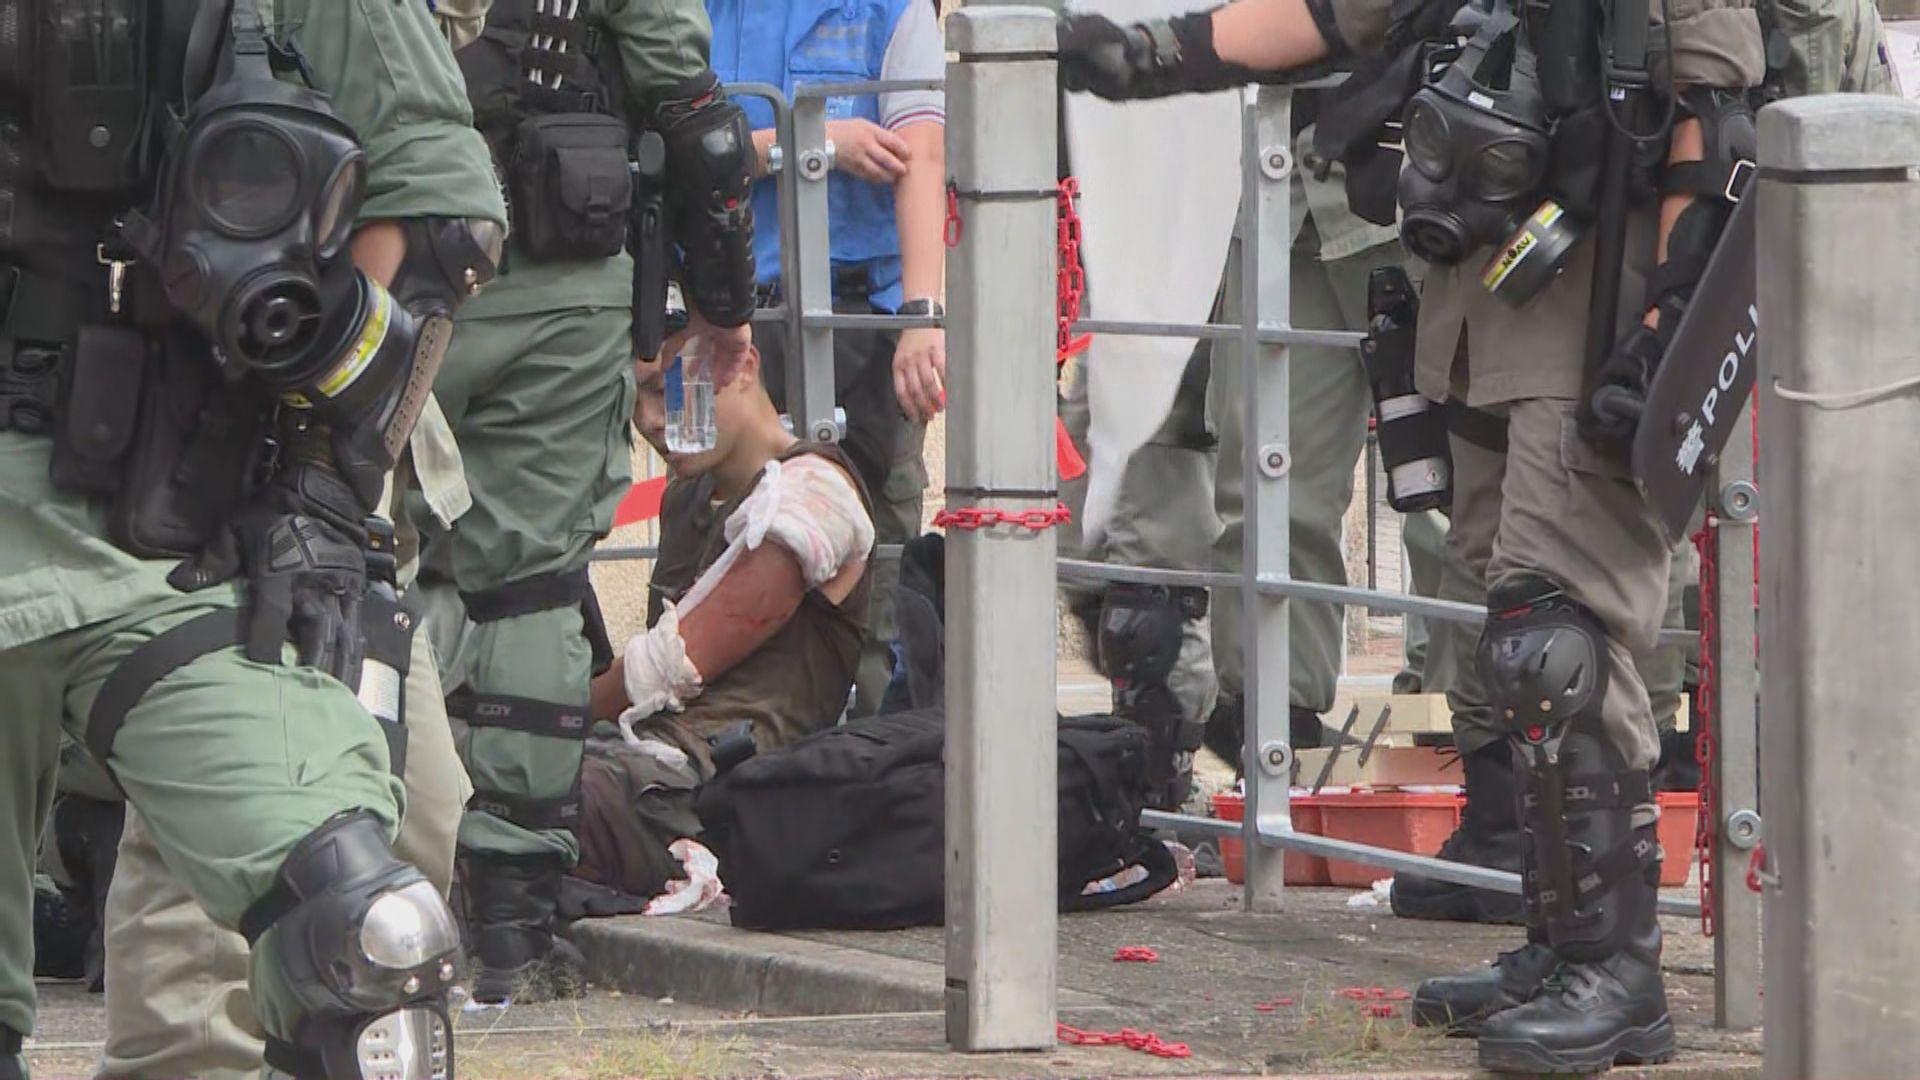 高士威道有警員採取拘捕行動時被襲擊受傷